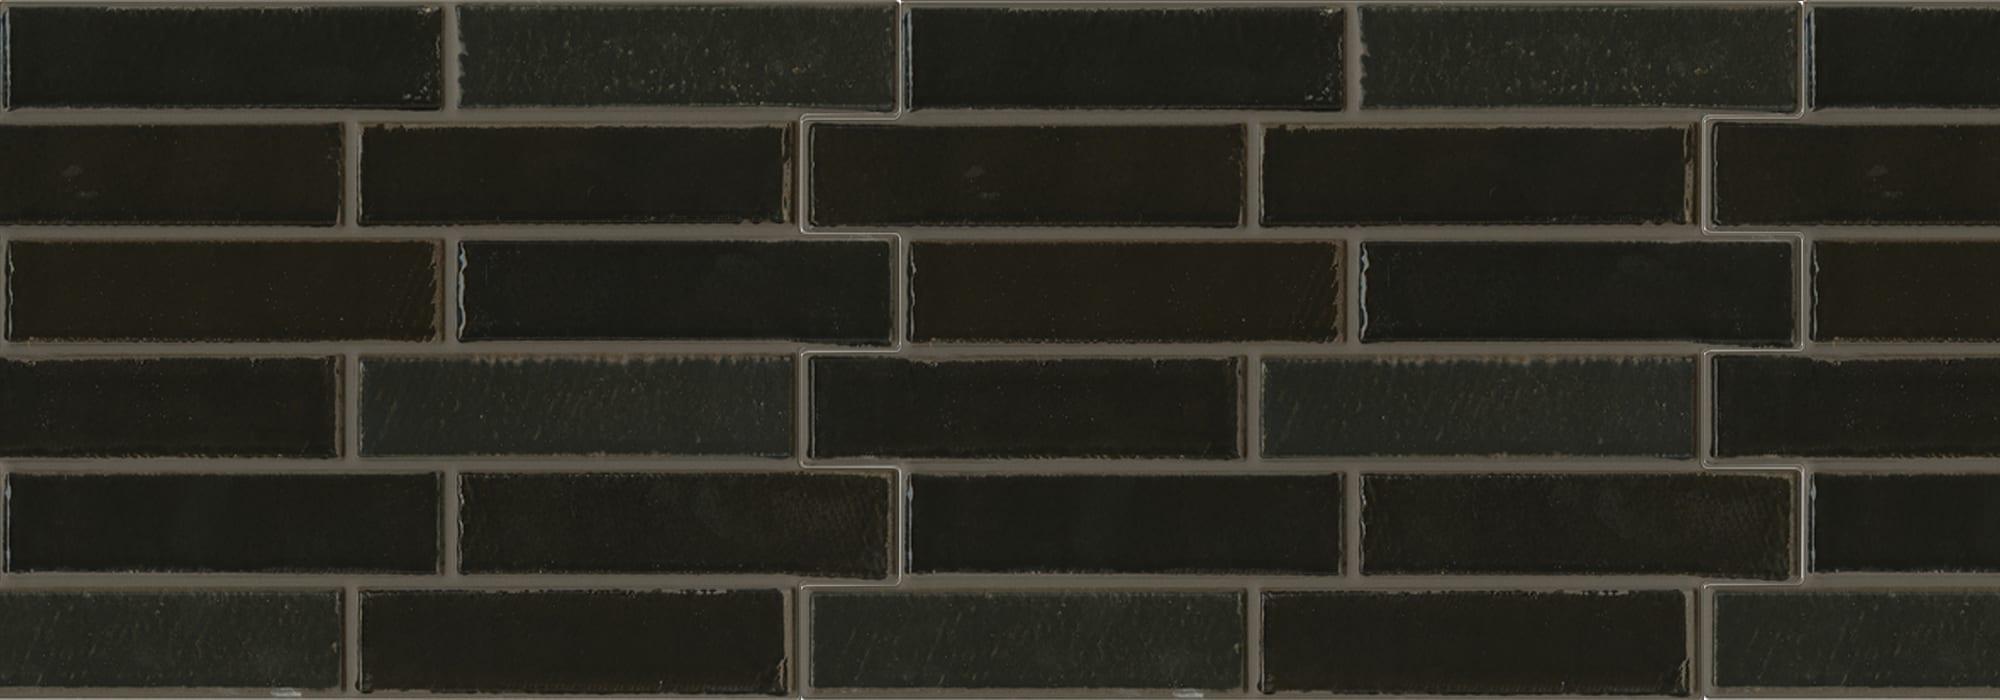 קרמיקה שחור עתיק דגם G304 by Milstone